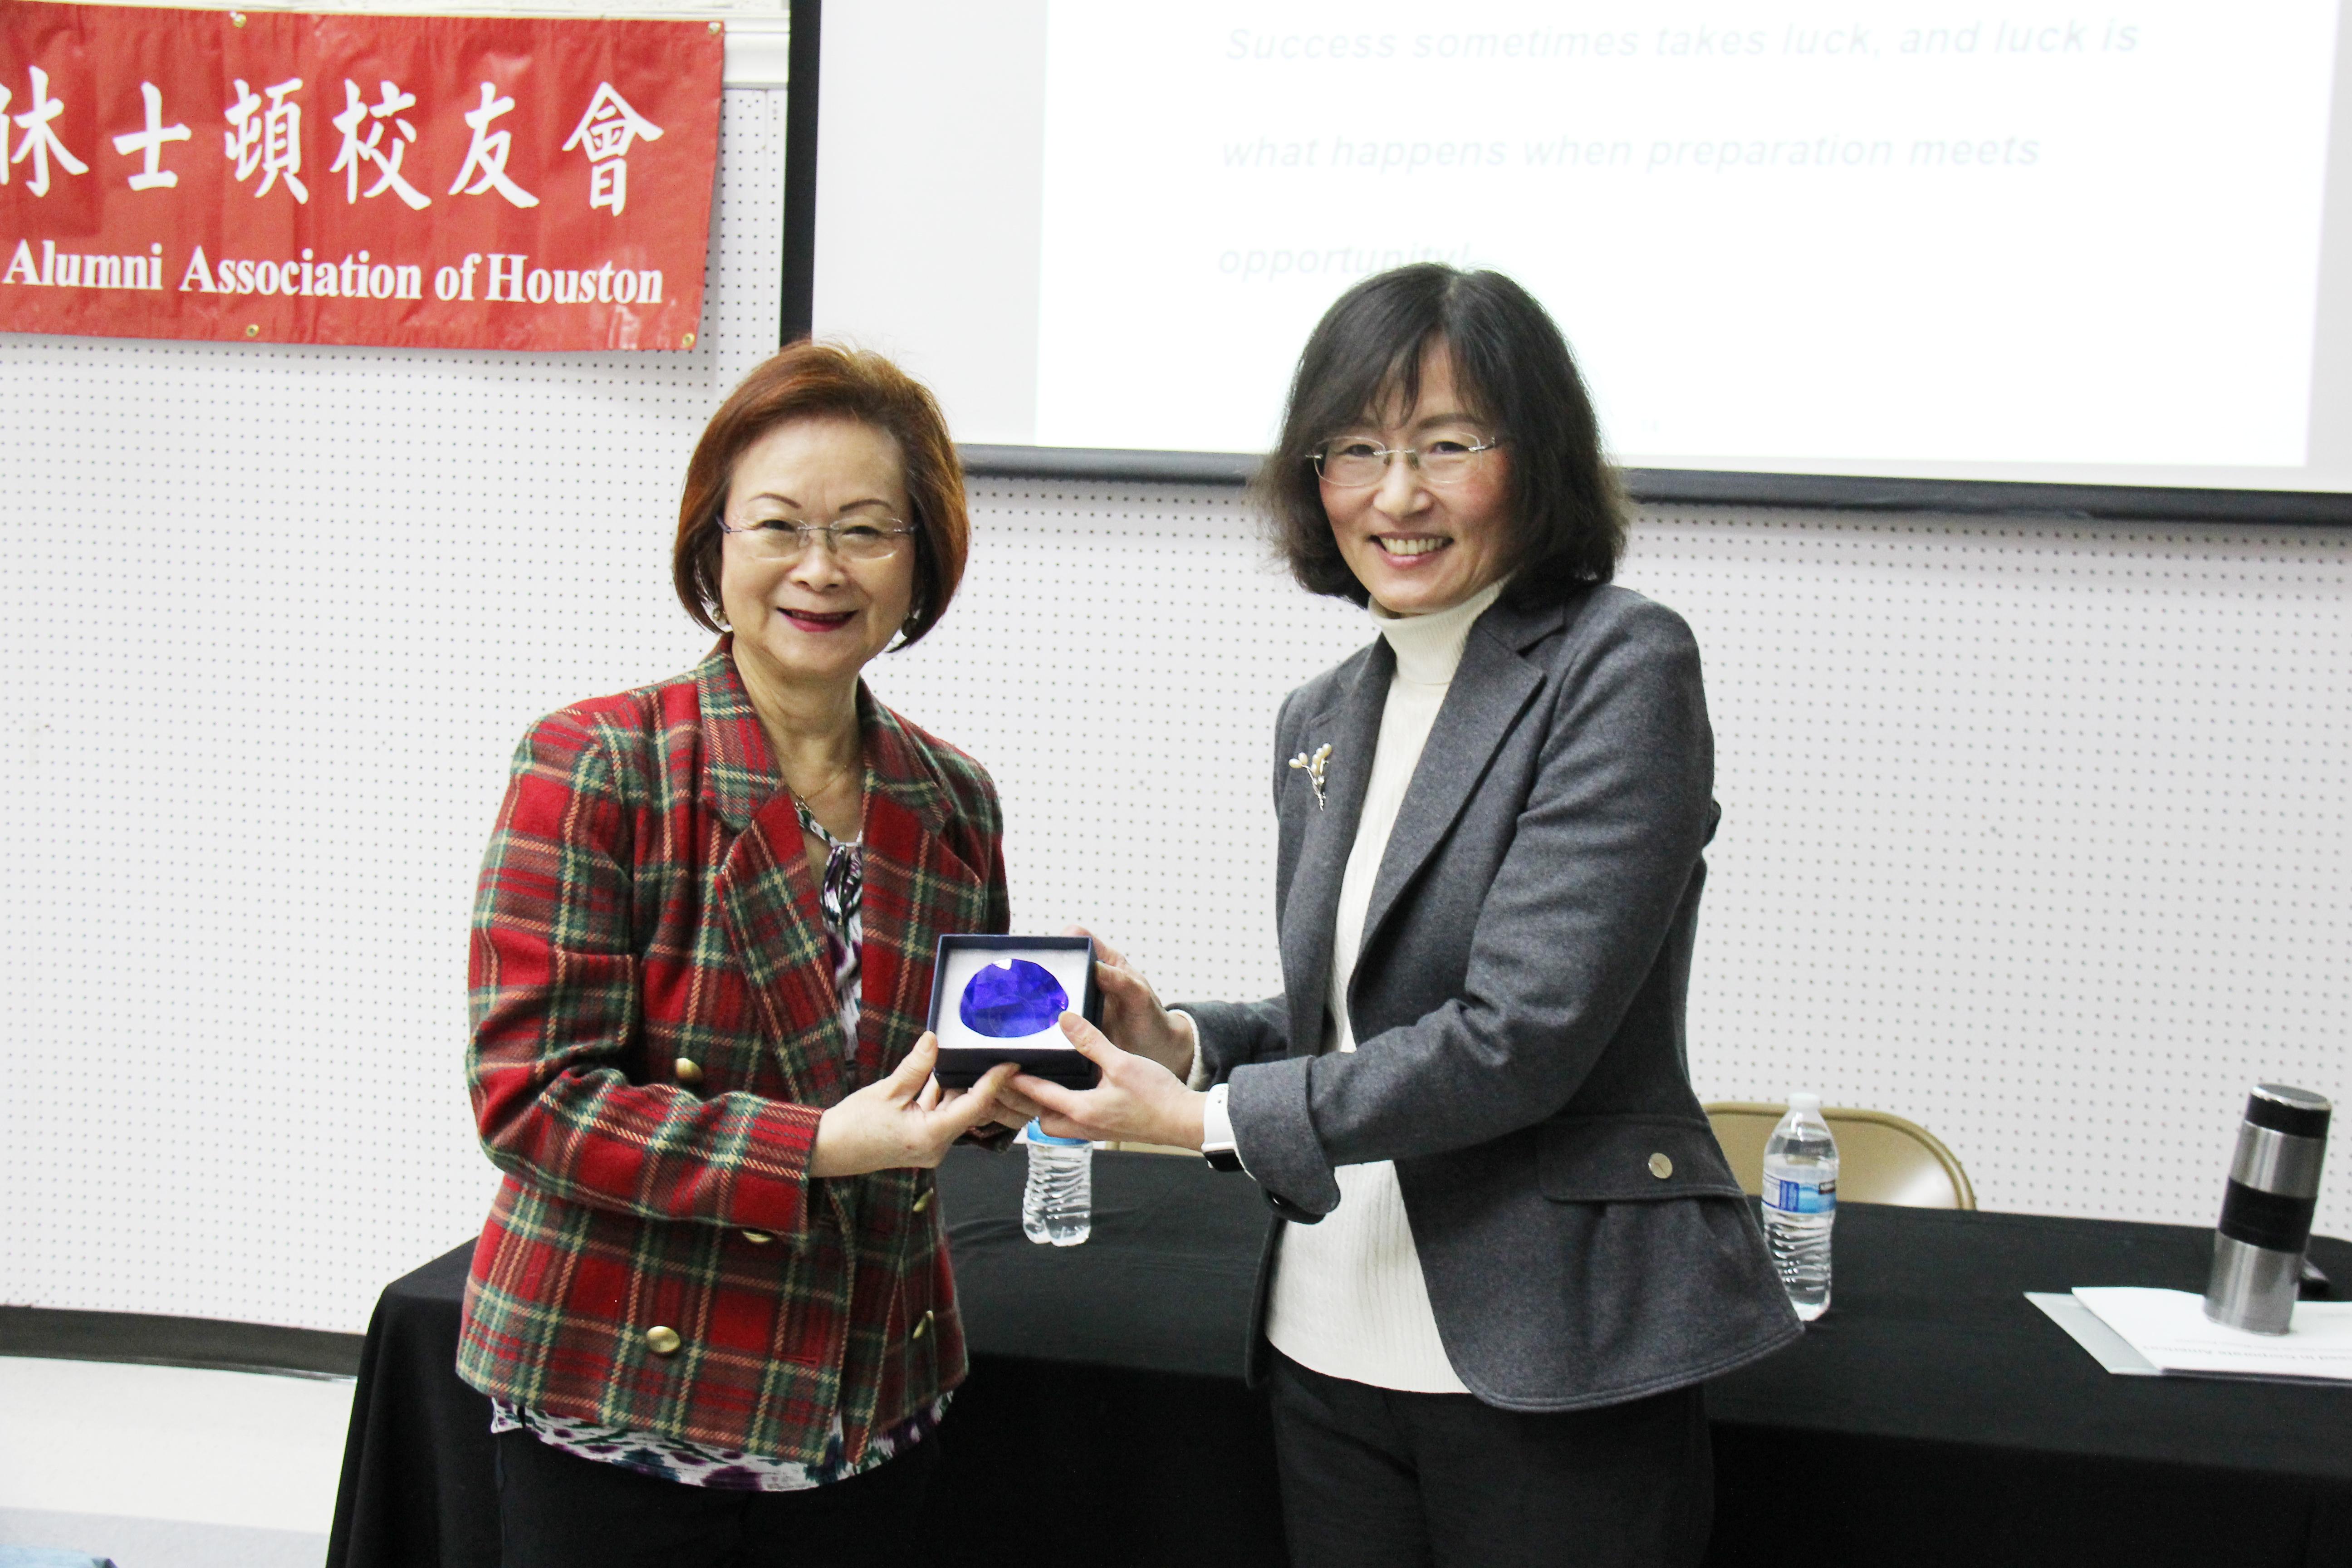 美南大專校聯會會長徐小玲(左)感謝周玲瑩精闢演講 。(記者盧淑君/攝影)